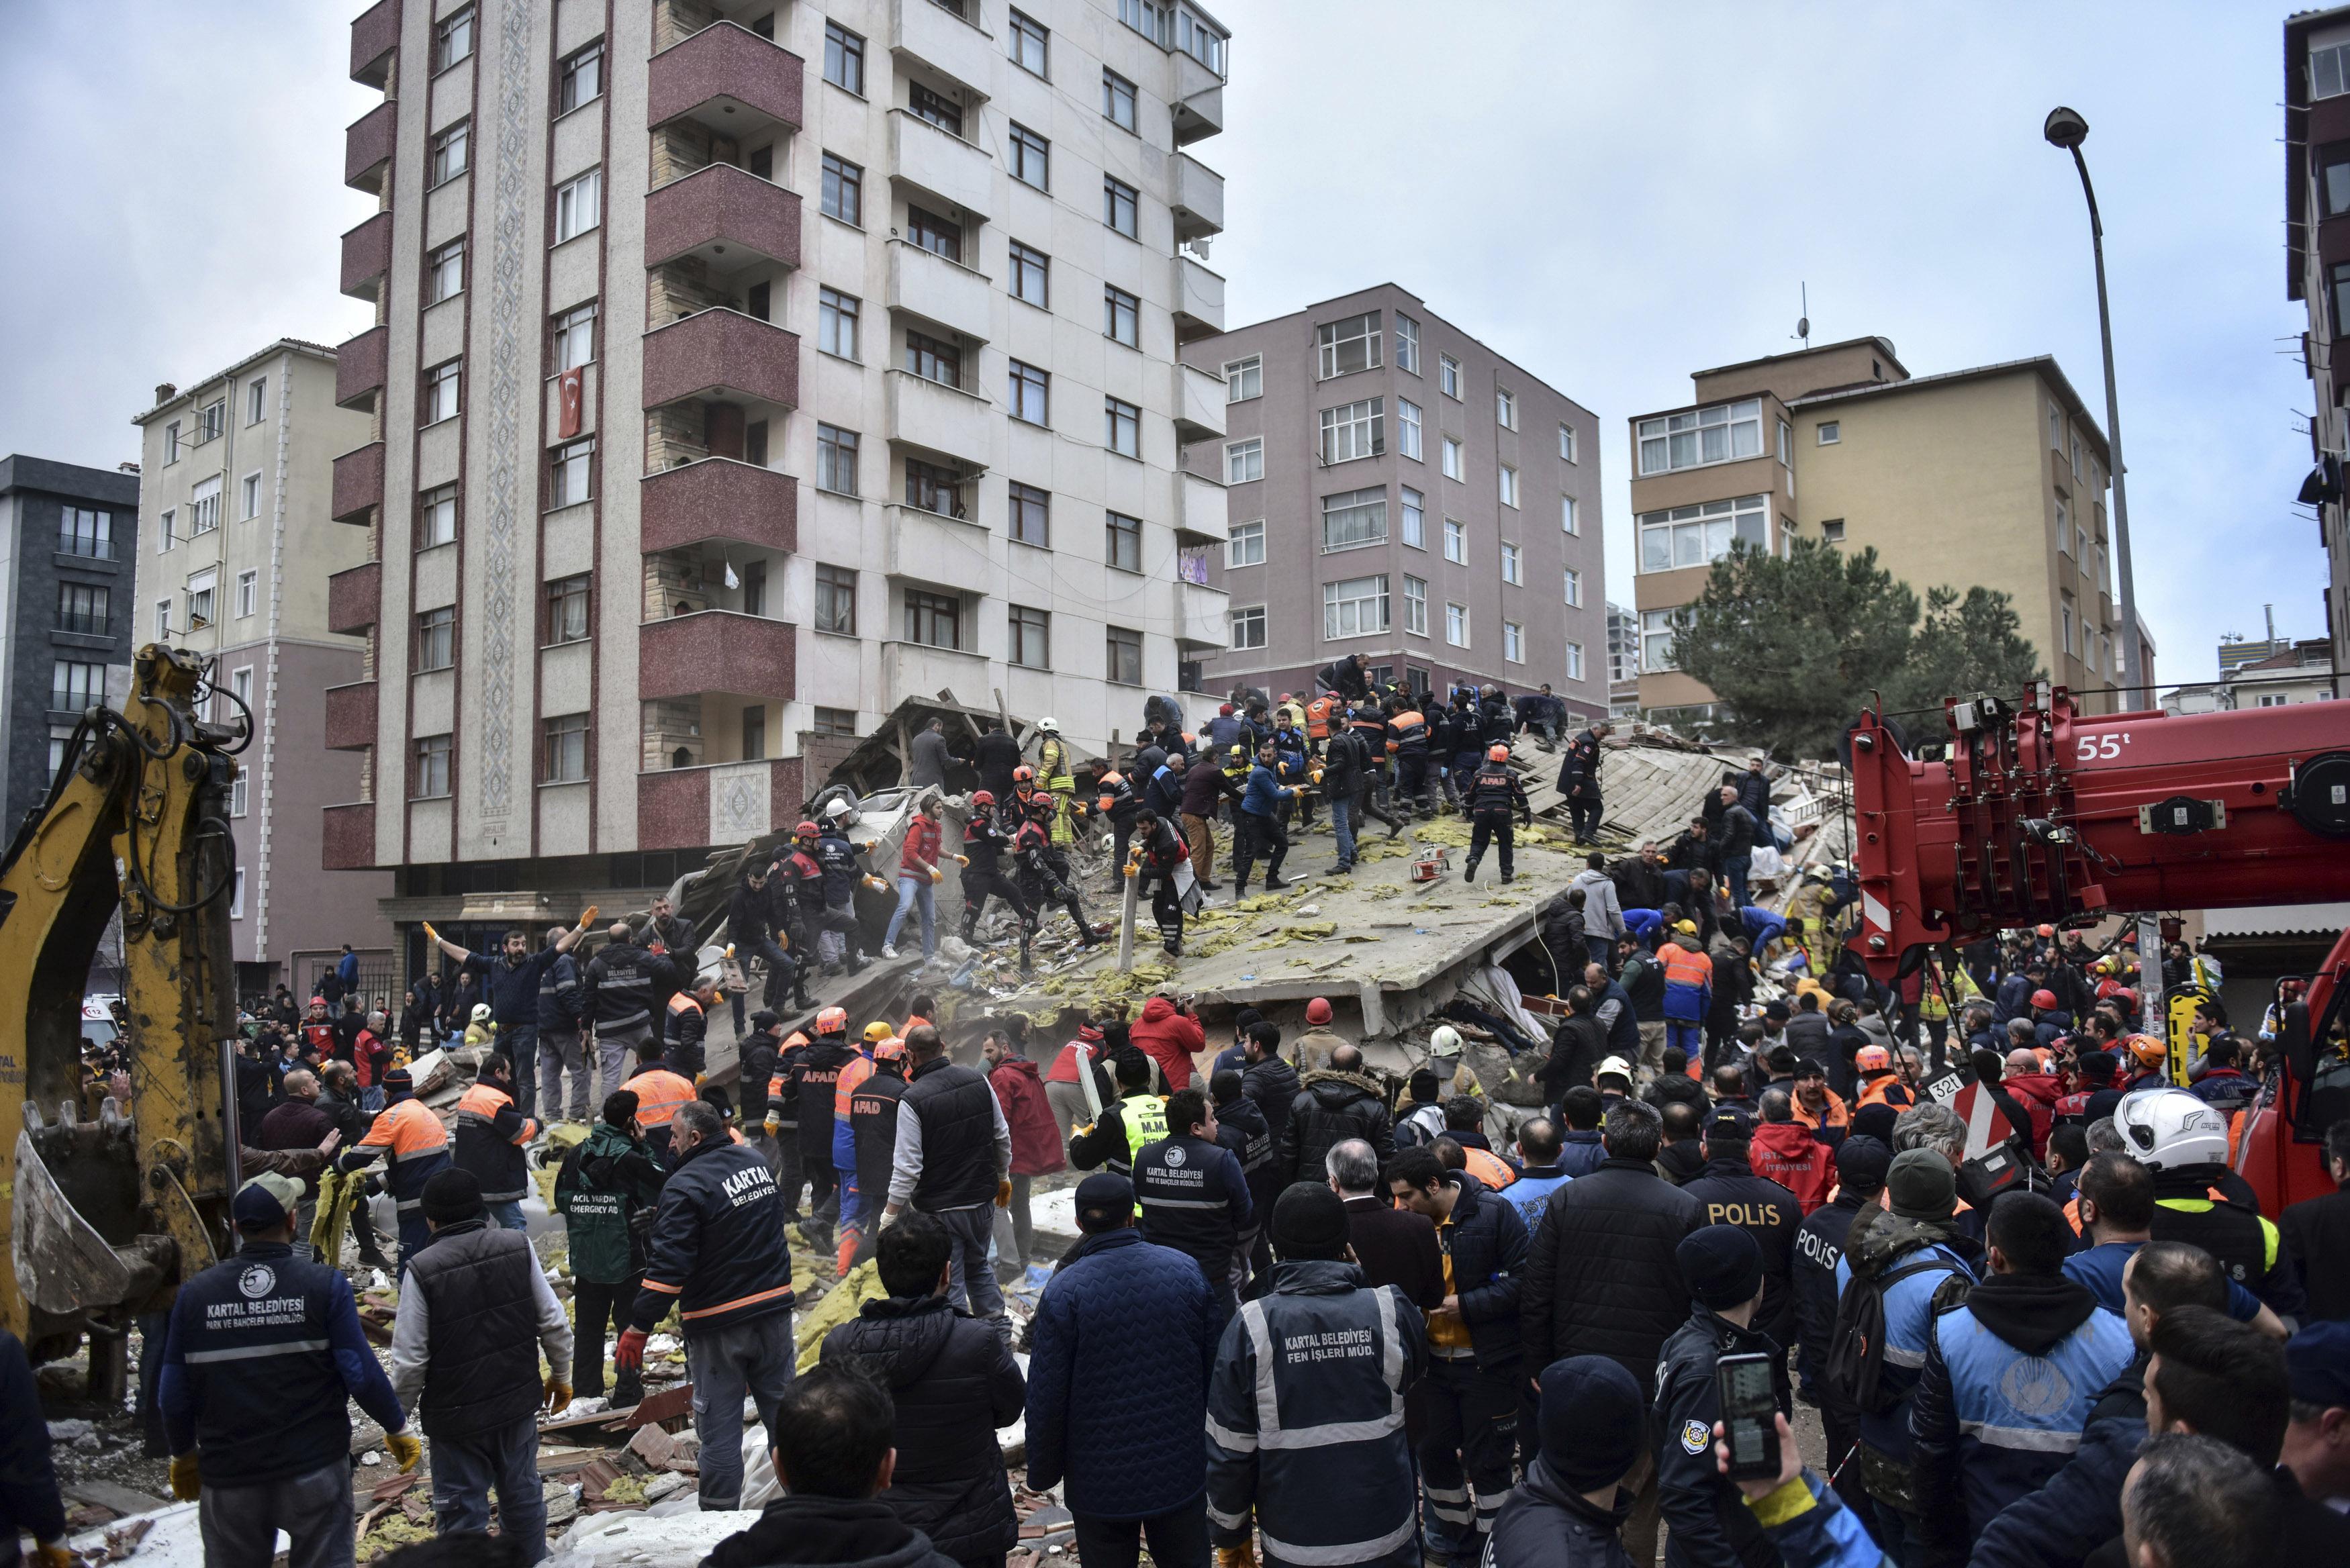 Δύο νεκροί μέχρι στιγμής από την κατάρρευση του κτιρίου (Φωτο: DHA via AP)